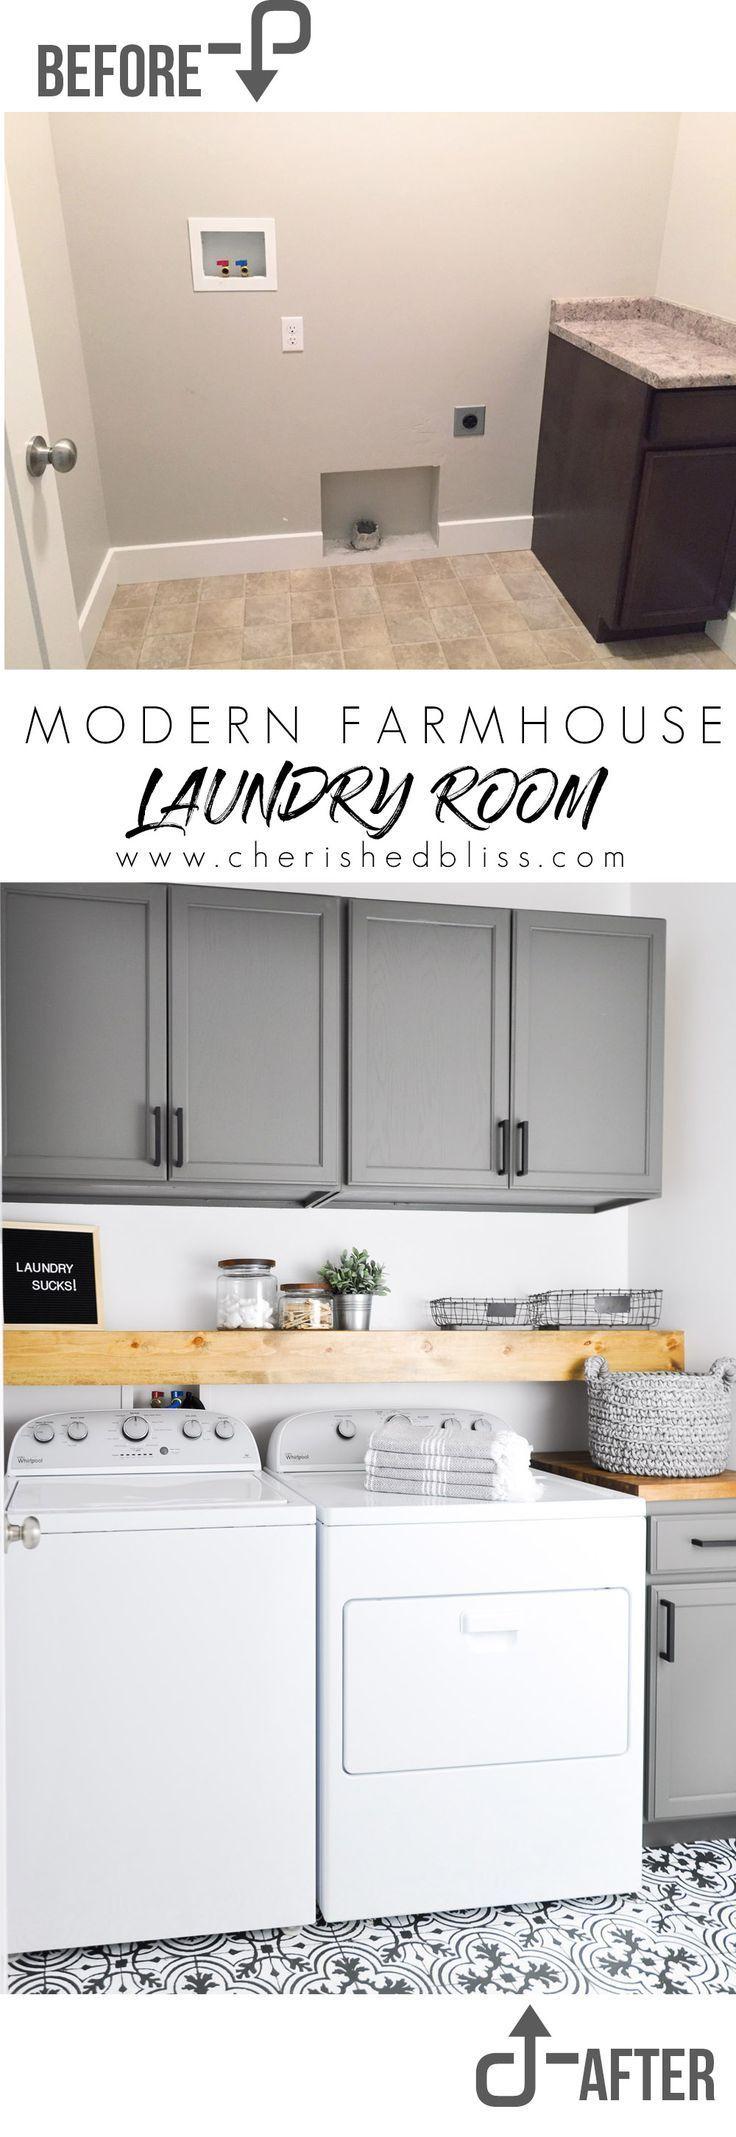 die besten 25 moderne waschraumger te ideen auf pinterest. Black Bedroom Furniture Sets. Home Design Ideas